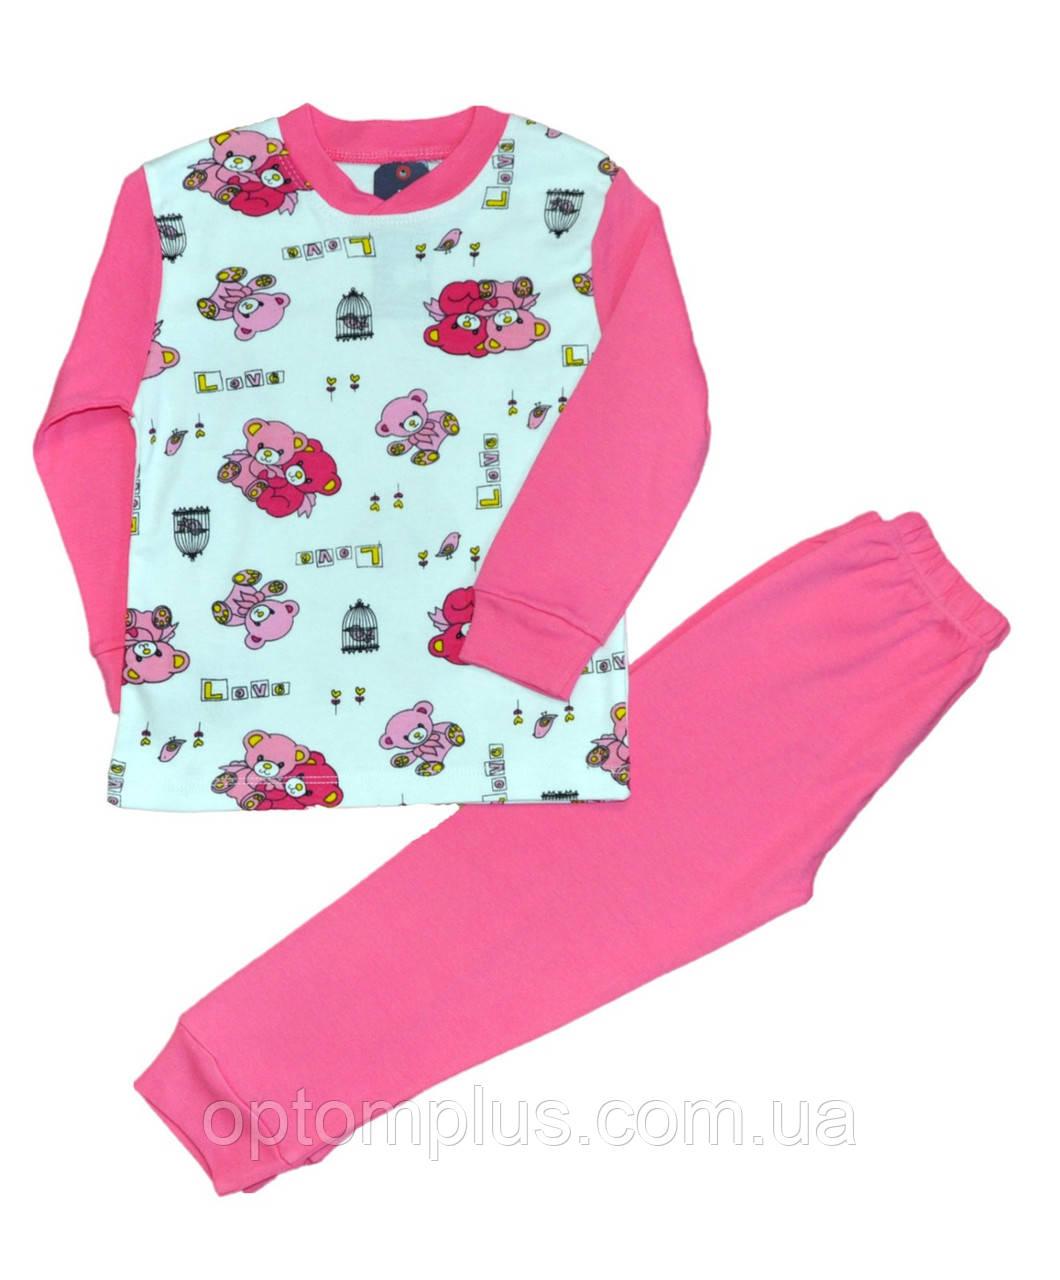 Пижамы детские для девочек (5-8 лет) Турция оптом купить от склада 7 км